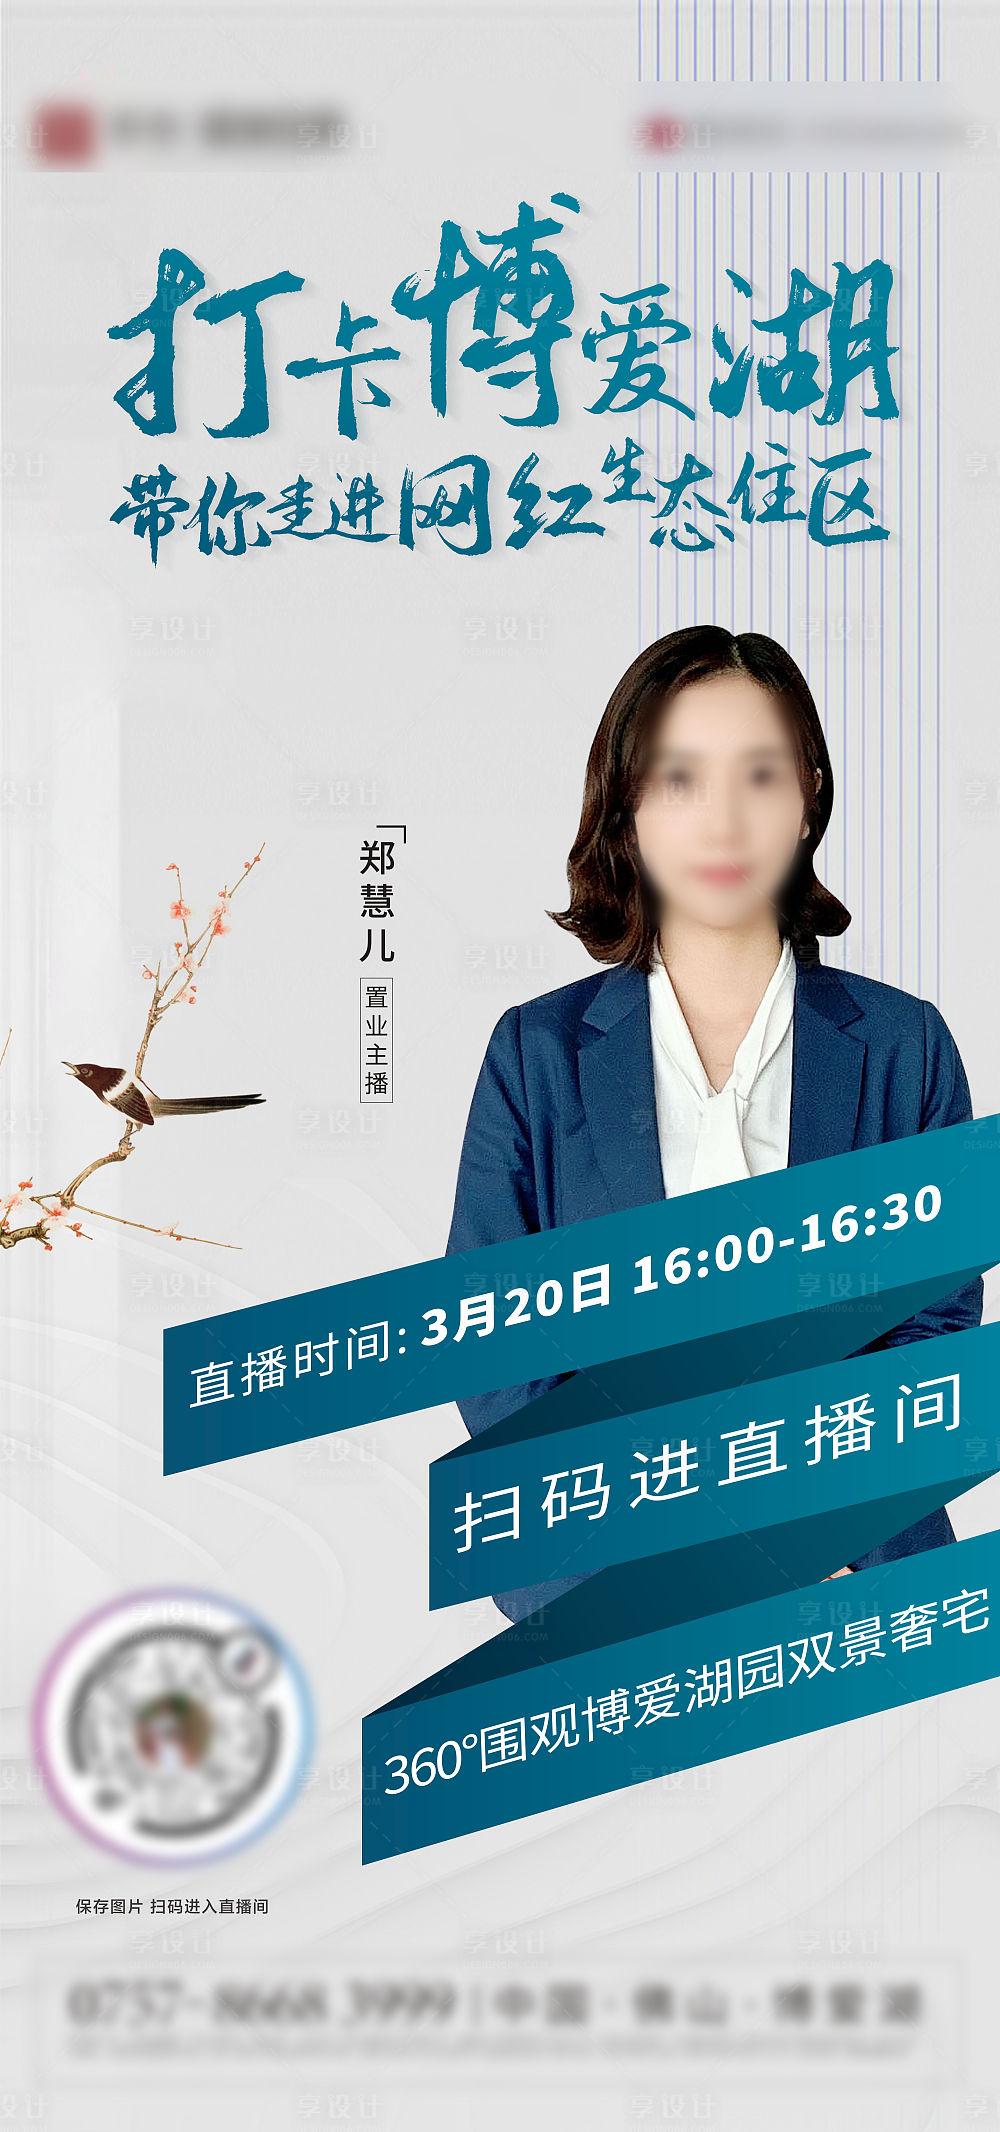 【源文件下载】 海报 房地产 人物 直播 主播 中式 花鸟设计作品 设计图集